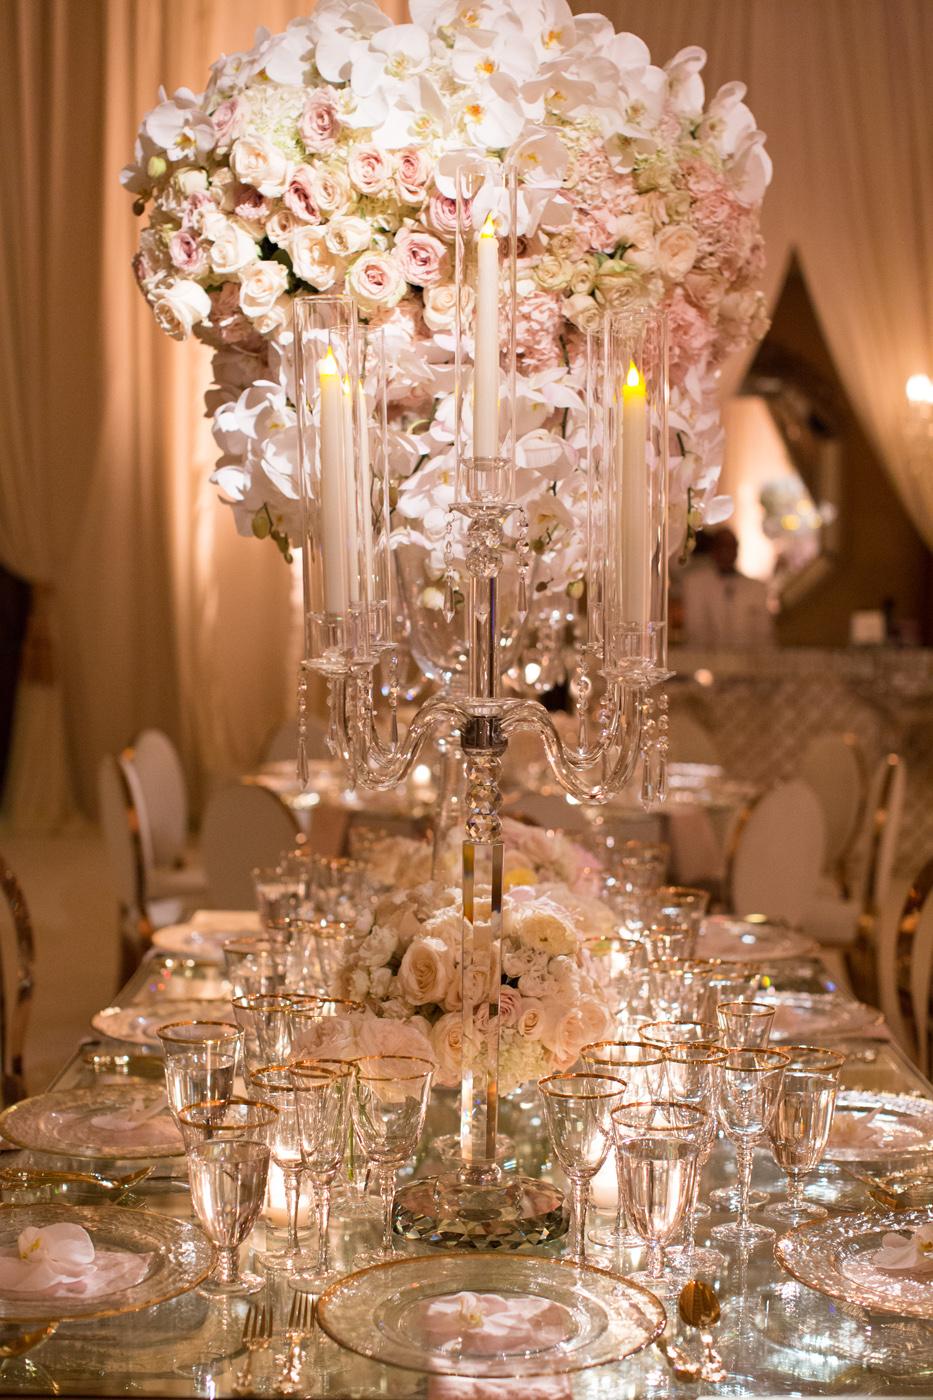 085_DukePhotography_DukeImages_Wedding_Details.jpg